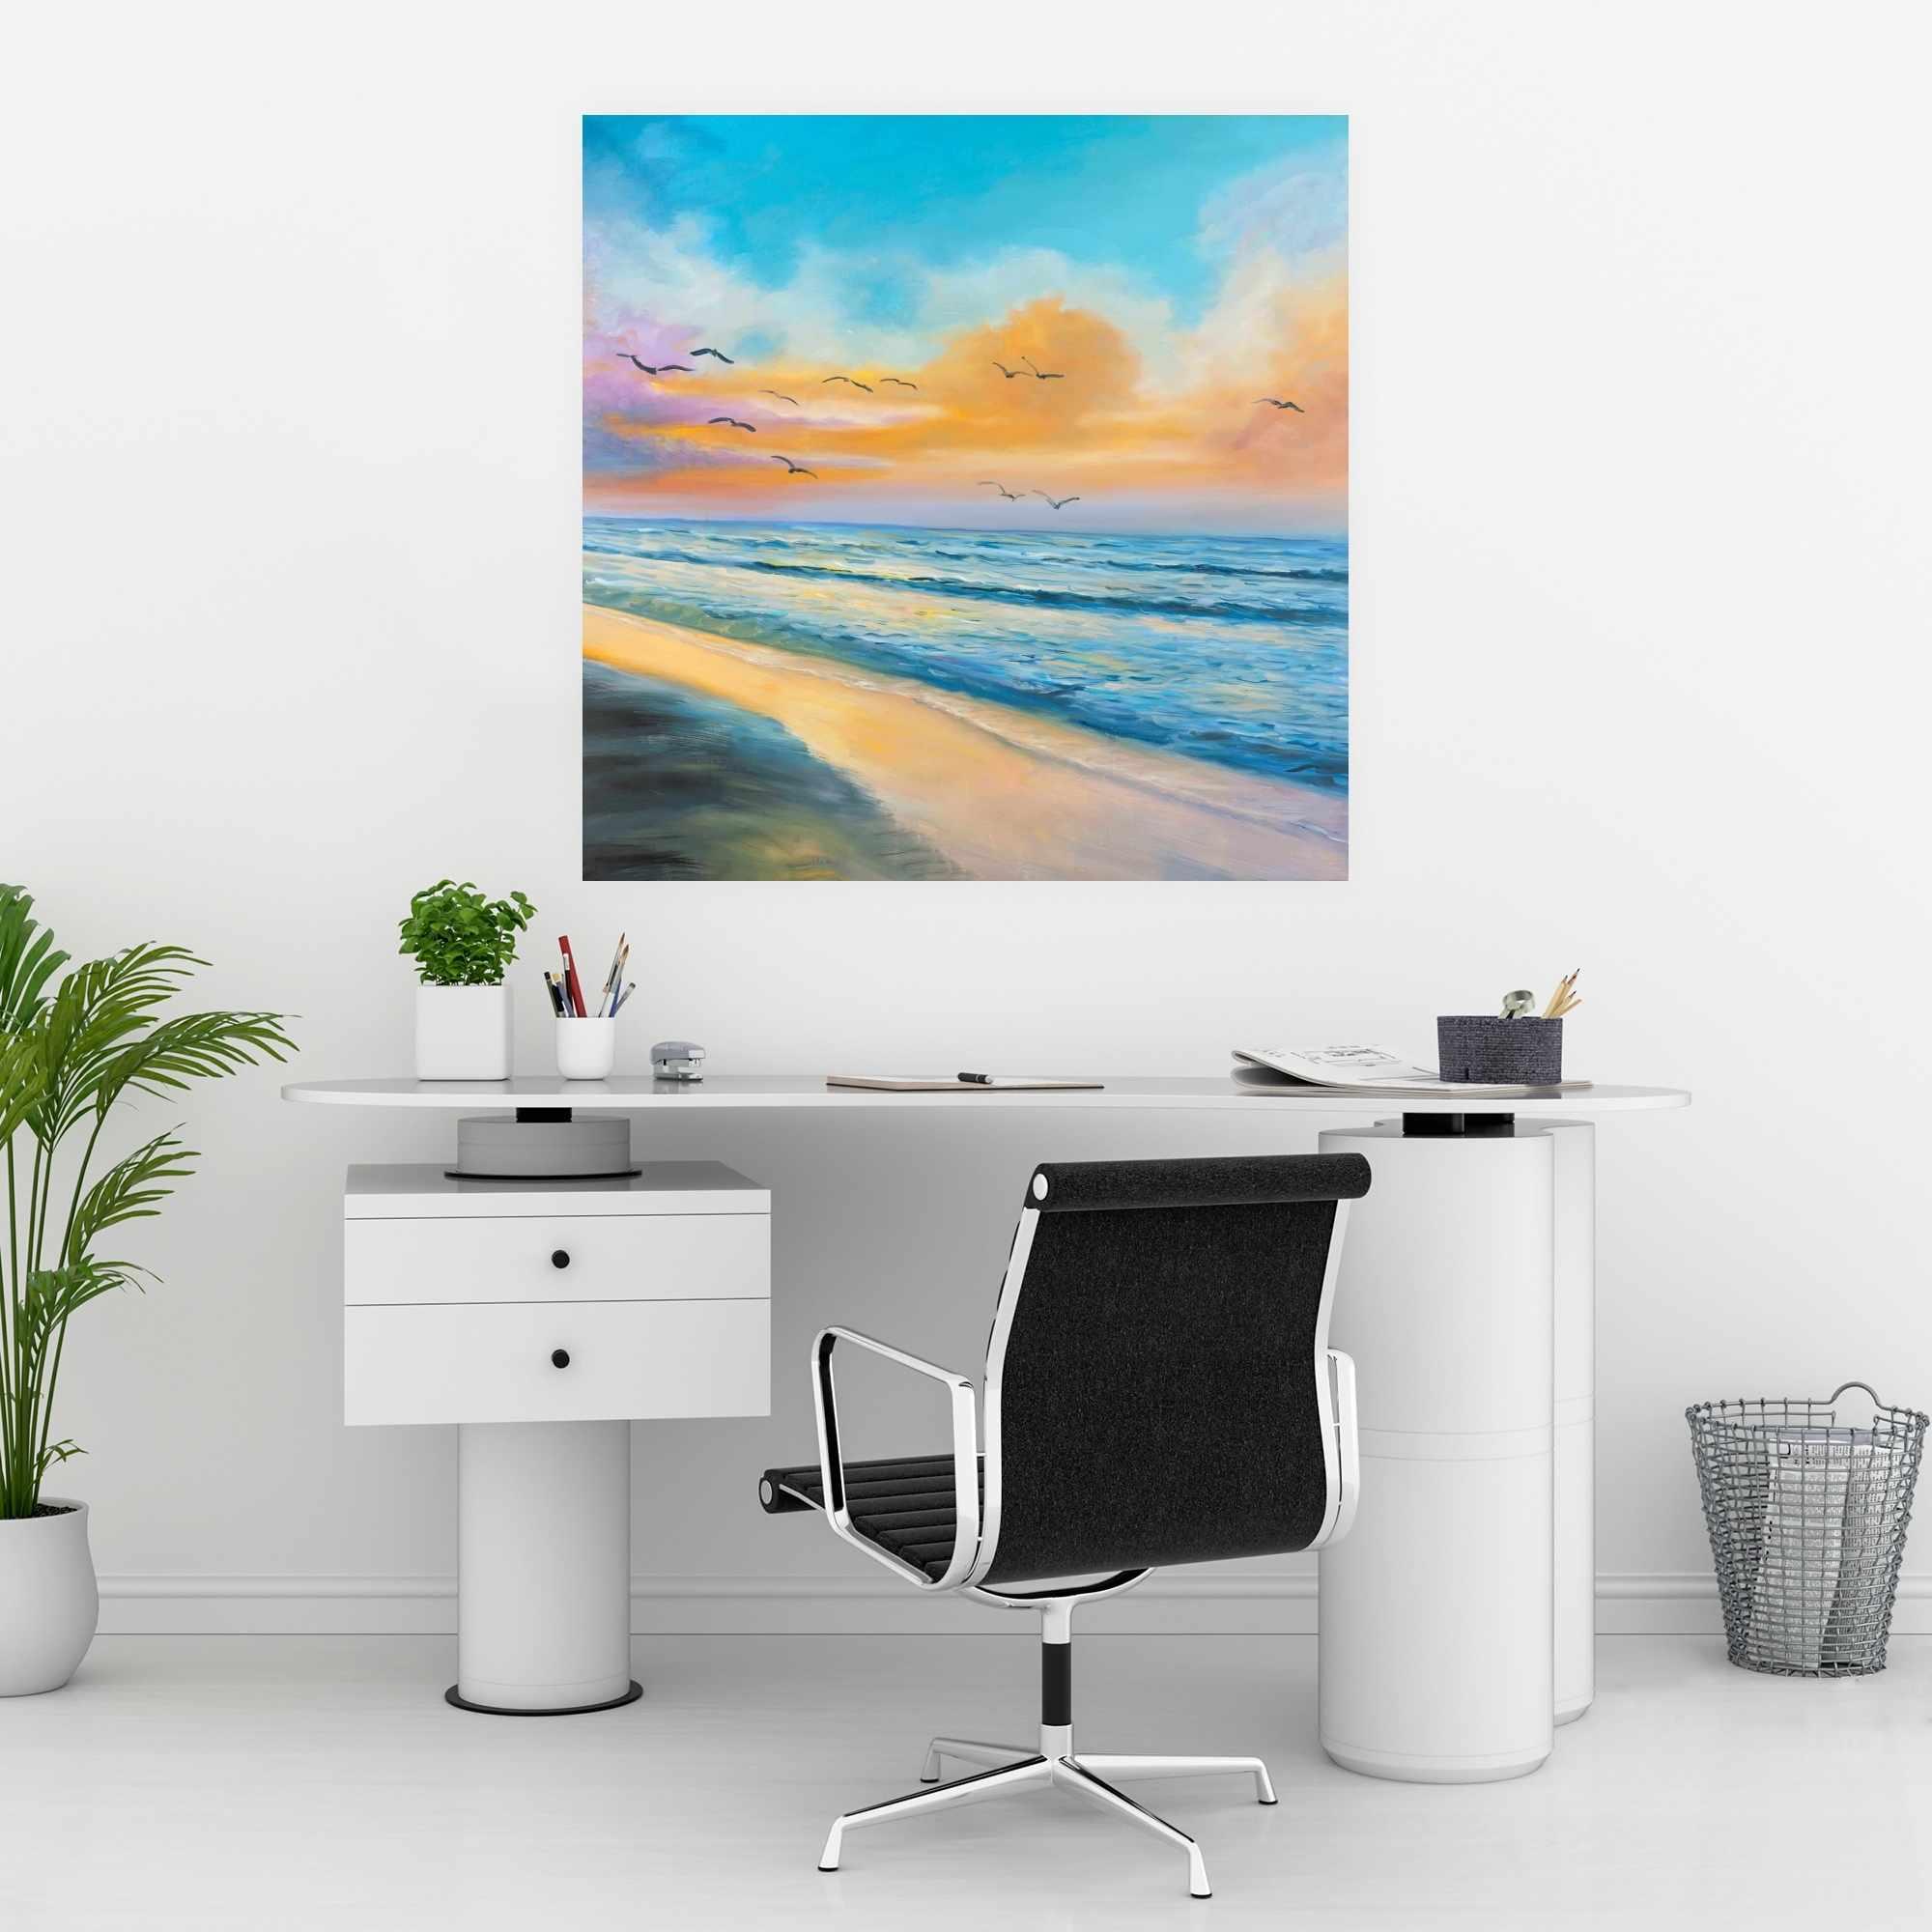 Affiche 30 x 30 - Coucher de soleil tropical à couper le souffle